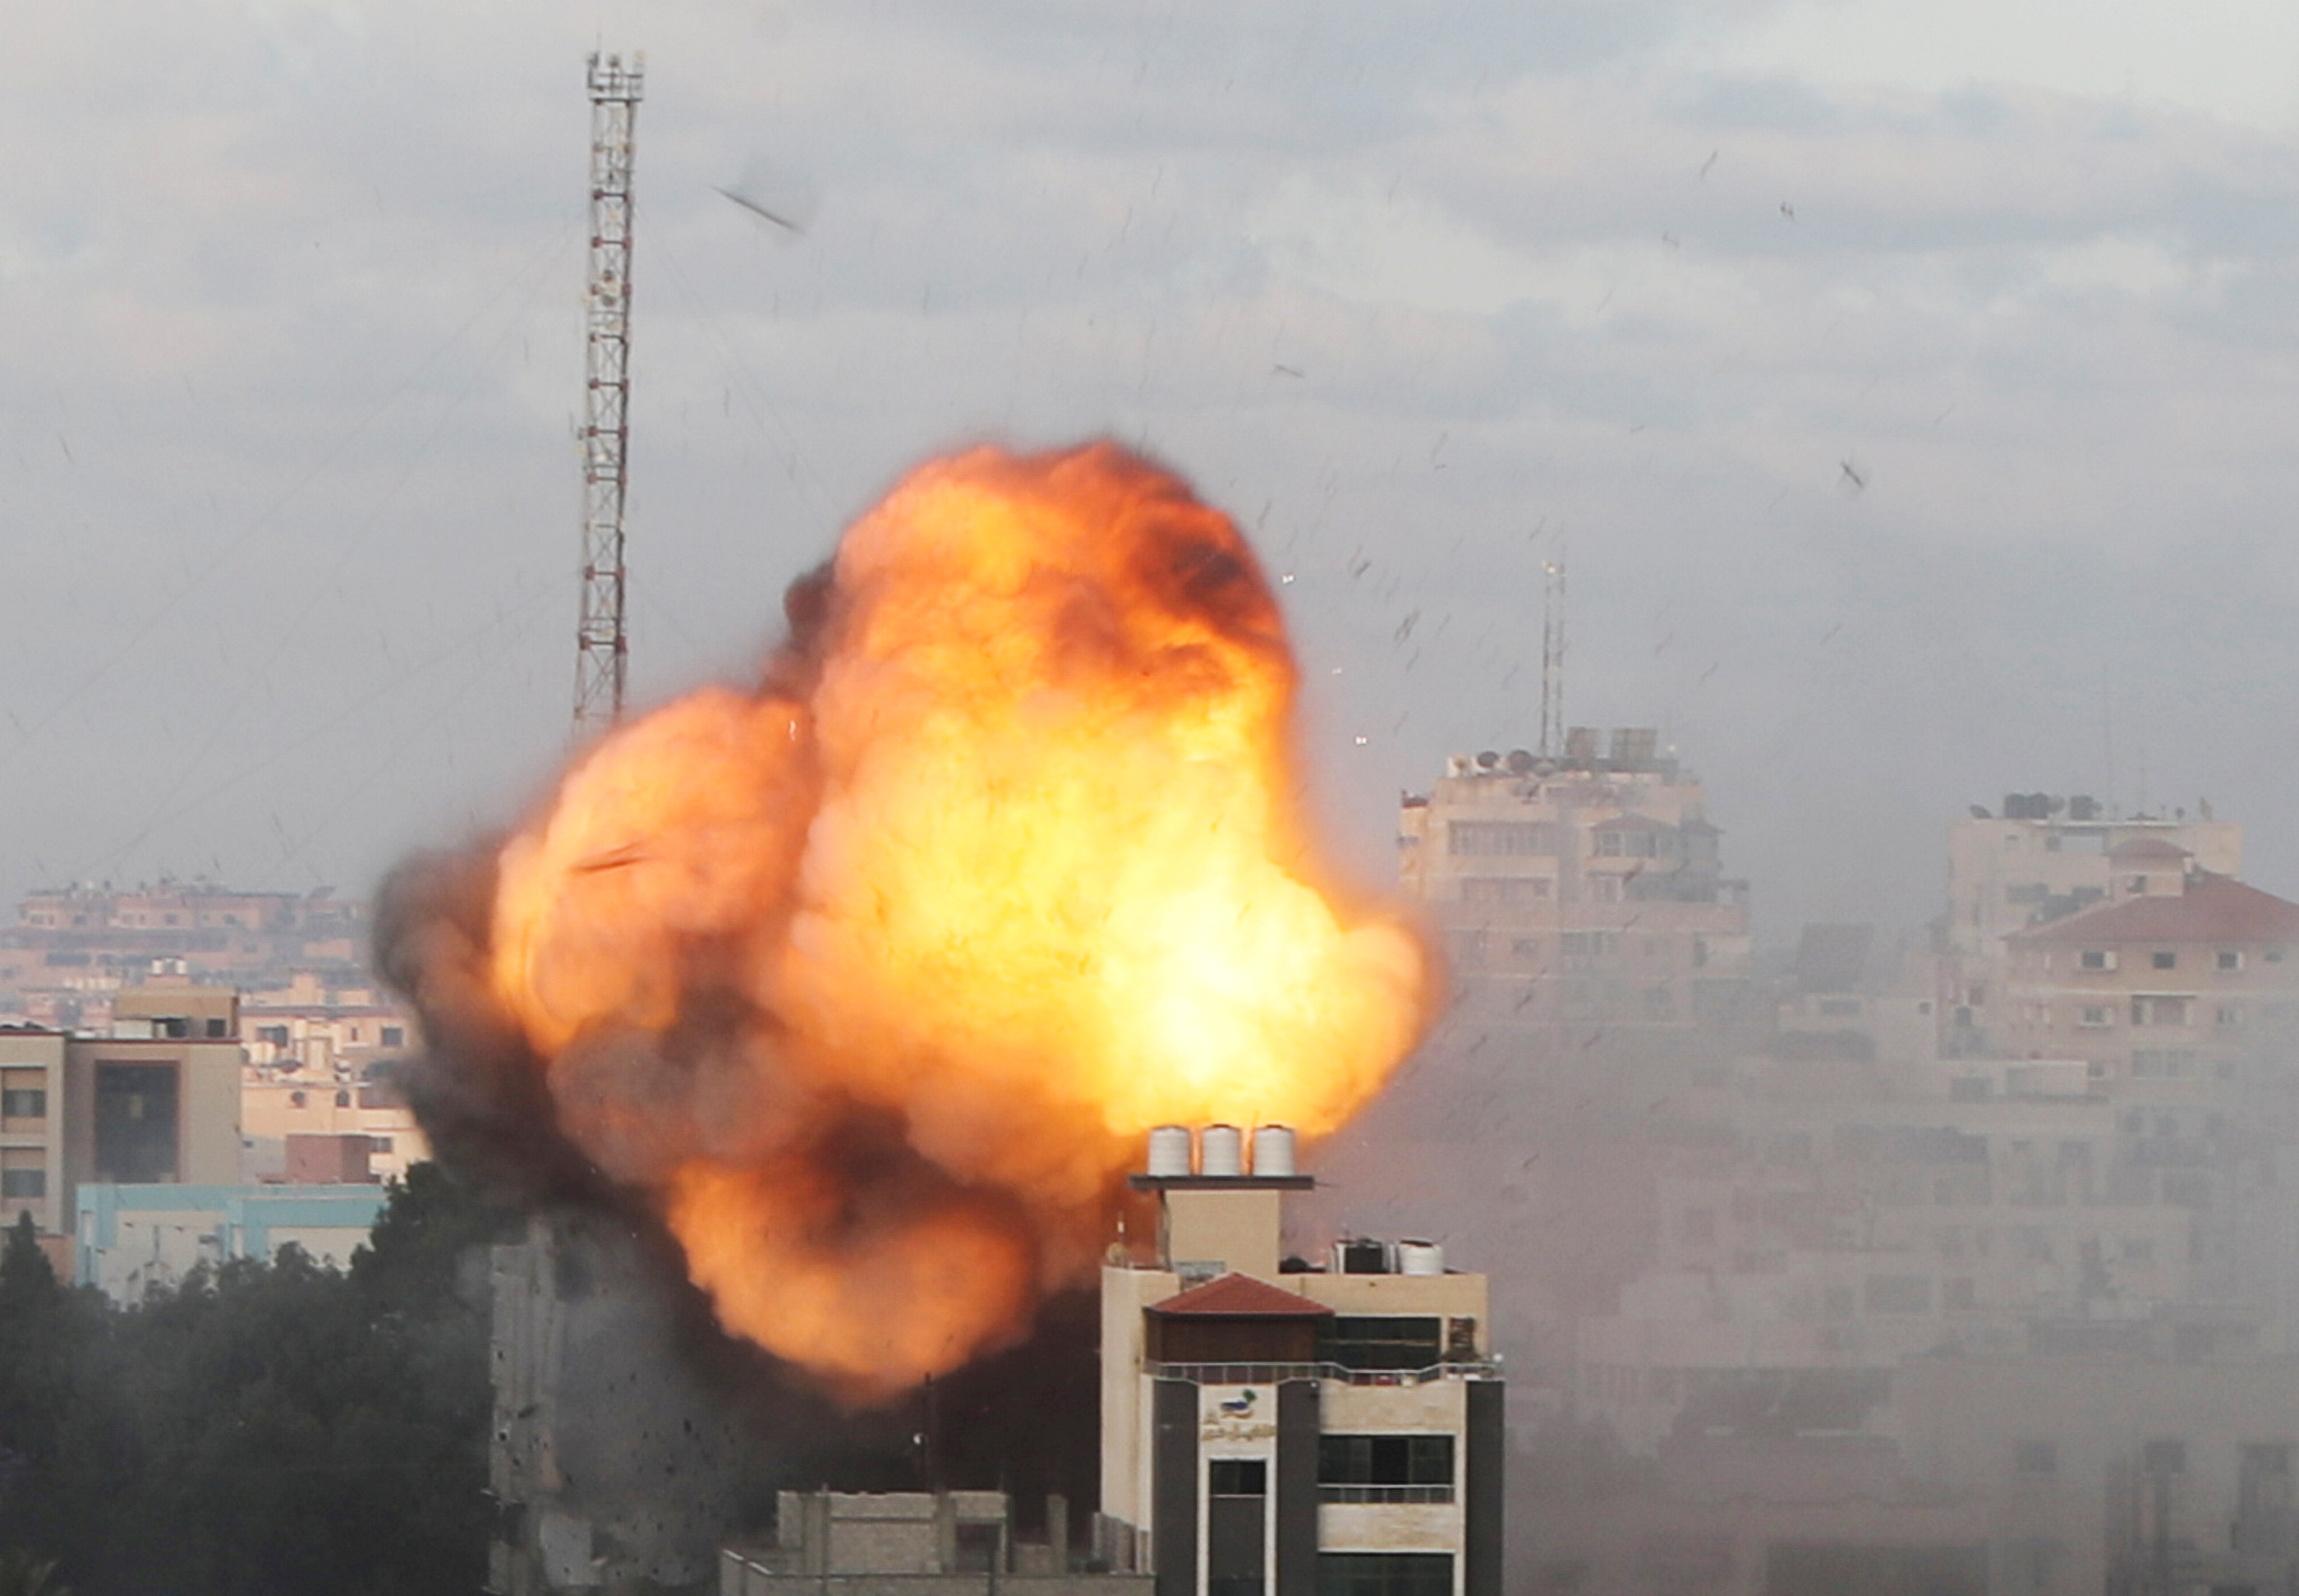 Μέση Ανατολή: Ρουκέτες, βομβαρδισμοί και παρέμβαση Μπάιντεν για κατάπαυση του πυρός